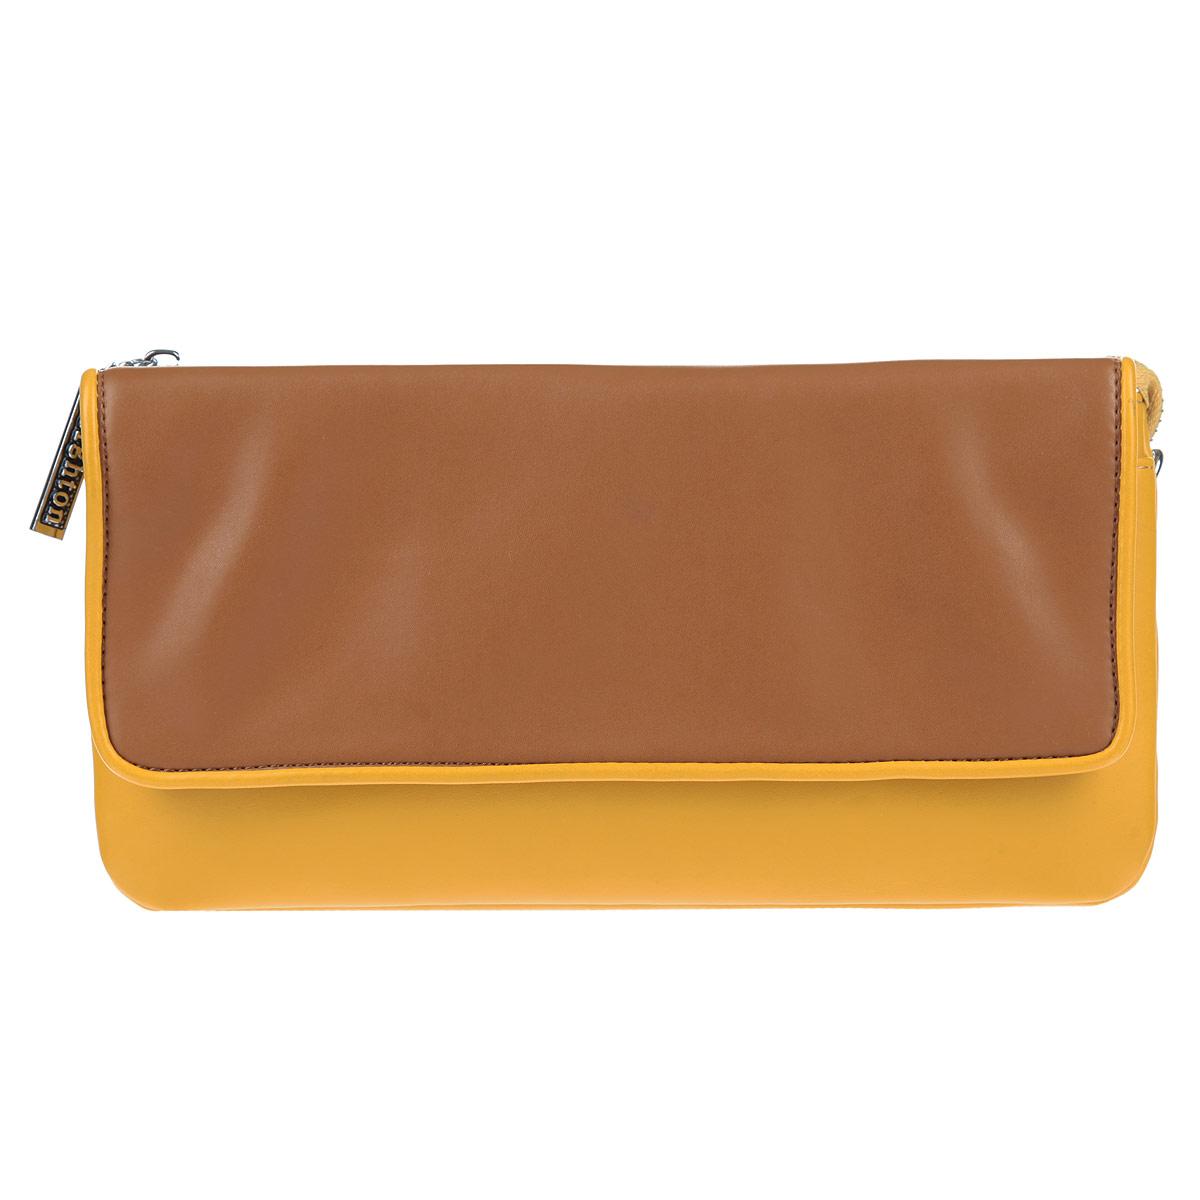 Клатч Leighton, цвет: желтый, коричневый. 4001-082/335/082/8404001-082/335/082/840 жел/Элегантный клатч Leighton выполнен из искусственной кожи с гладкой внешней поверхностью и декорирован металлической фурнитурой. Модель имеет два отделения, закрывающихся на общую застежку-молнию. Между отделениями расположен смежный кармашек на молнии и шесть наборных кармашков для визиток или кредитных карт. Лицевая сторона клатча дополнена плоским накладным карманом, закрывающимся при помощи клапана на магниты. Клатч имеет съемный плечевой ремень, длина которого регулируется, и ремешок для запястья. Модный клатч из летней коллекции от бренда Leighton идеально дополнит ваш образ и создаст игривое настроение.